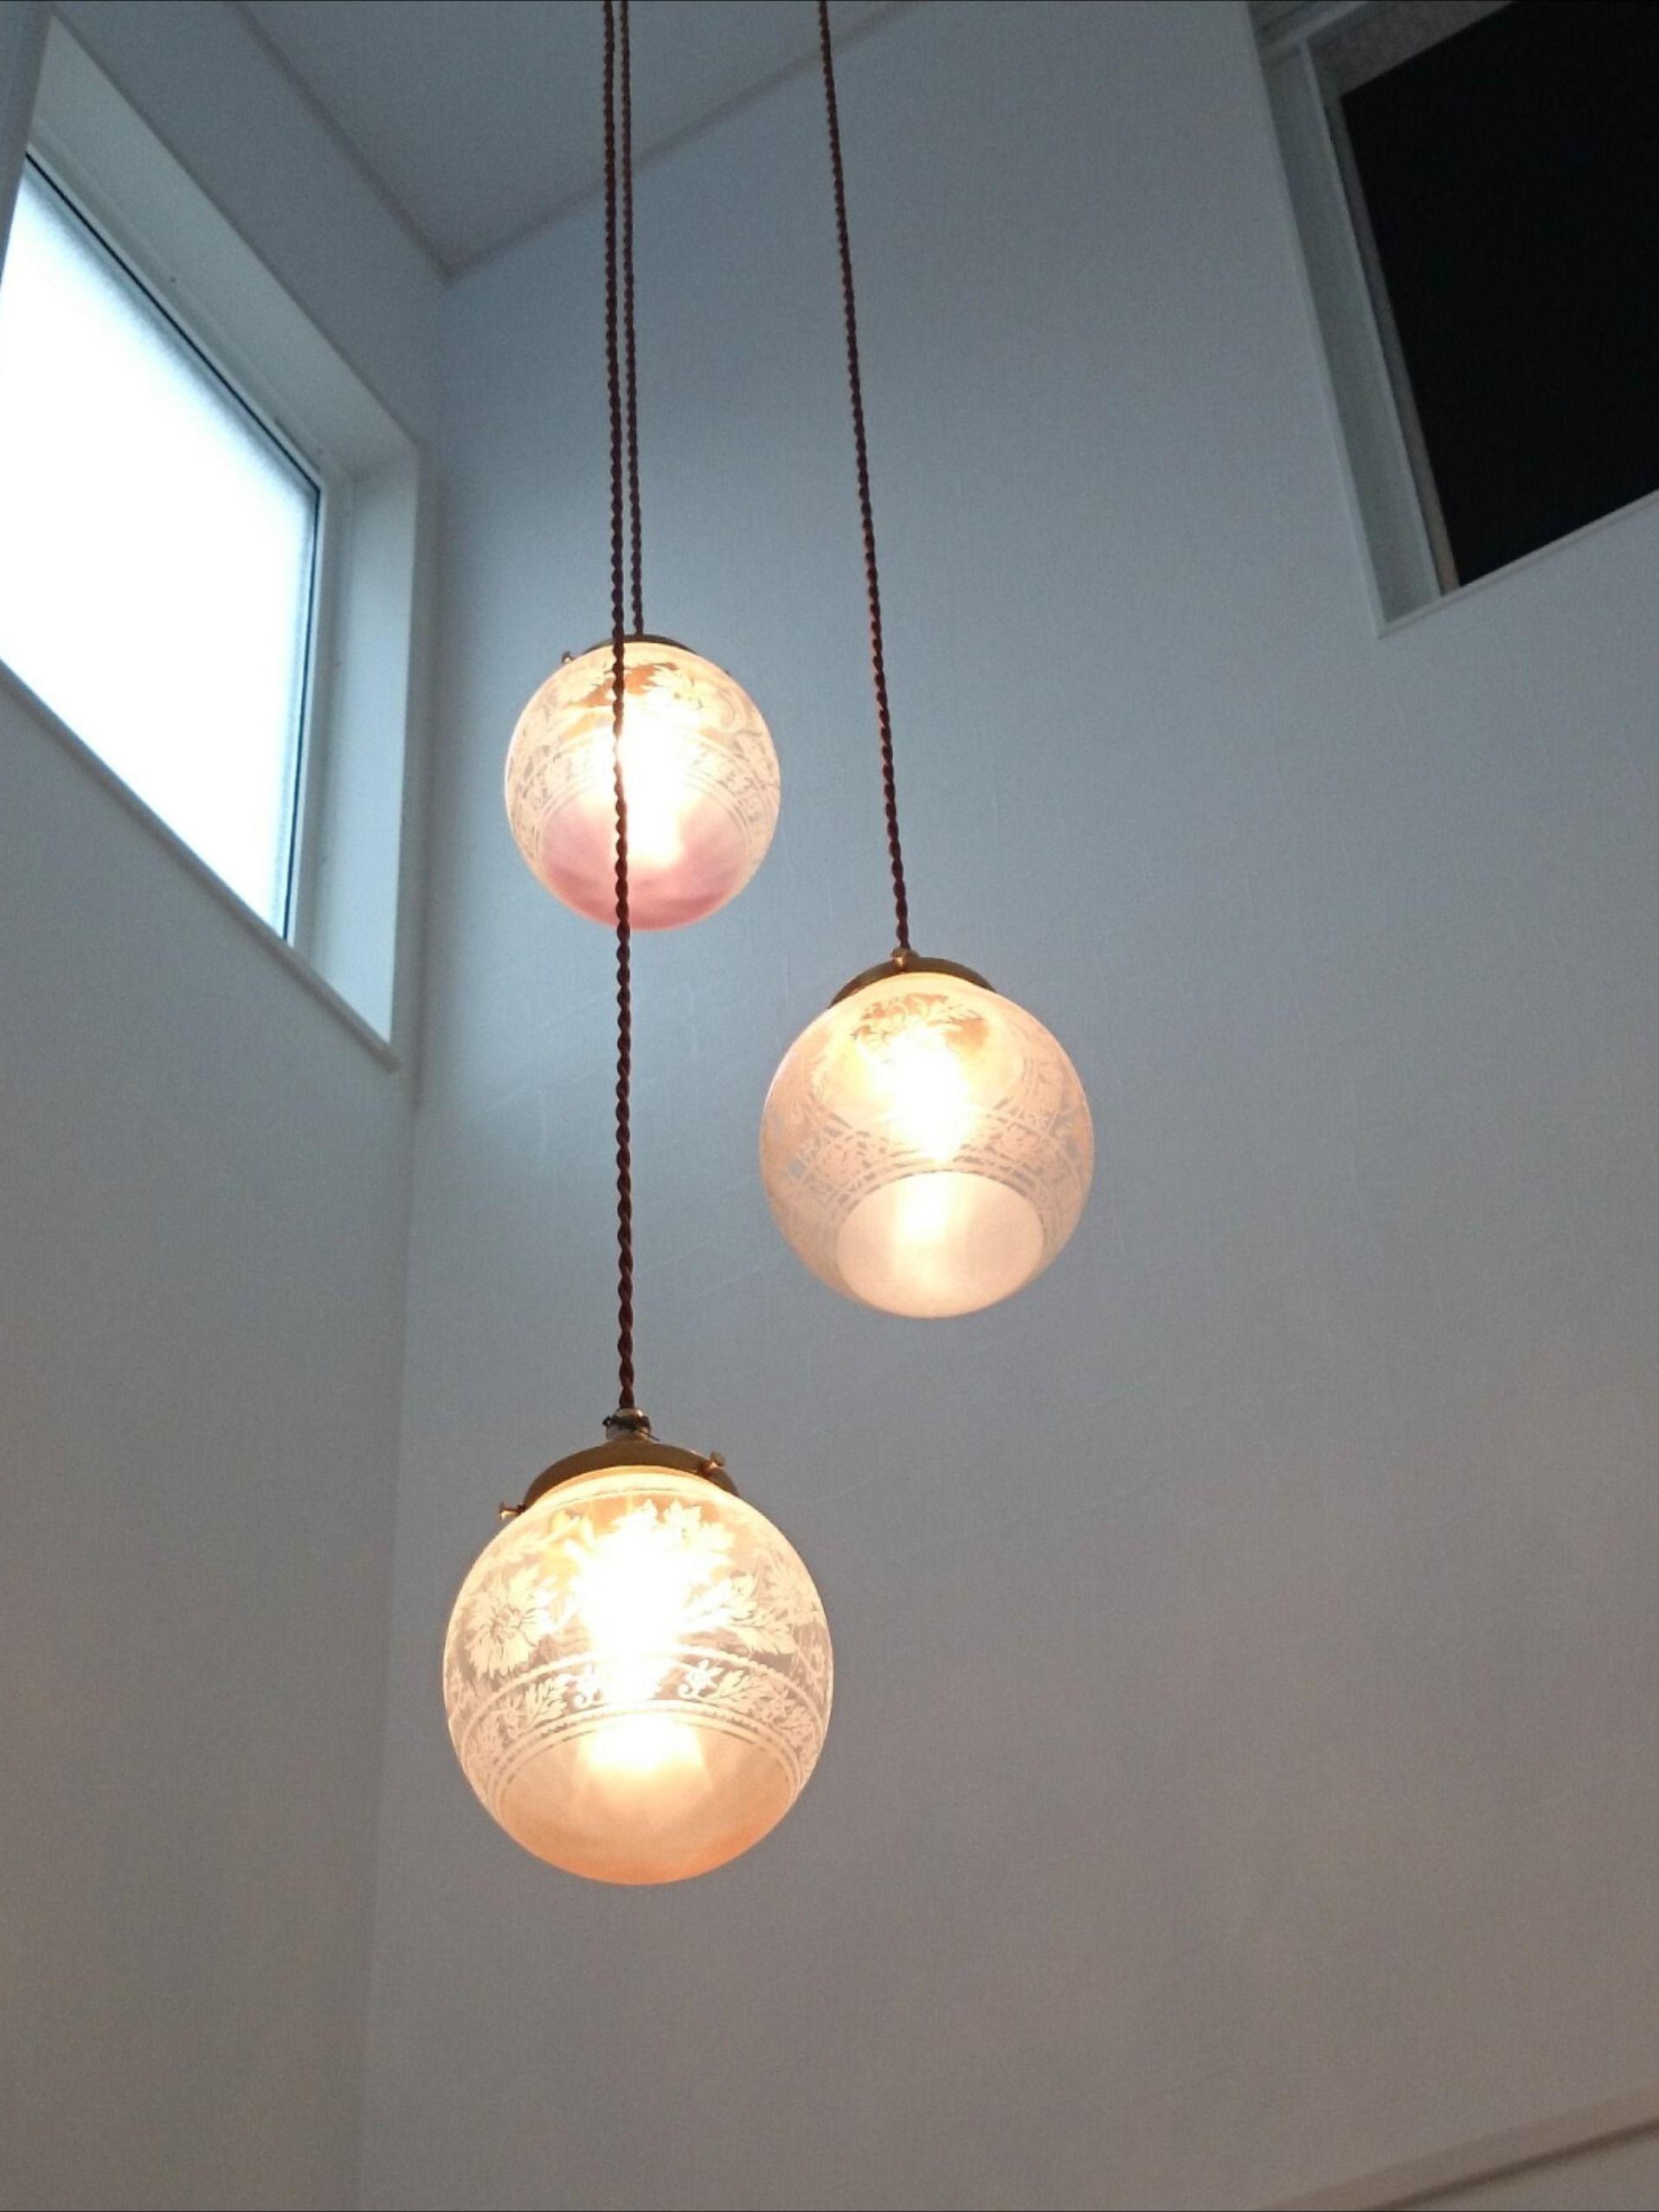 玄関の吹き抜けに3灯吊りのペンダントライト 照明 ペンダントライト ライト